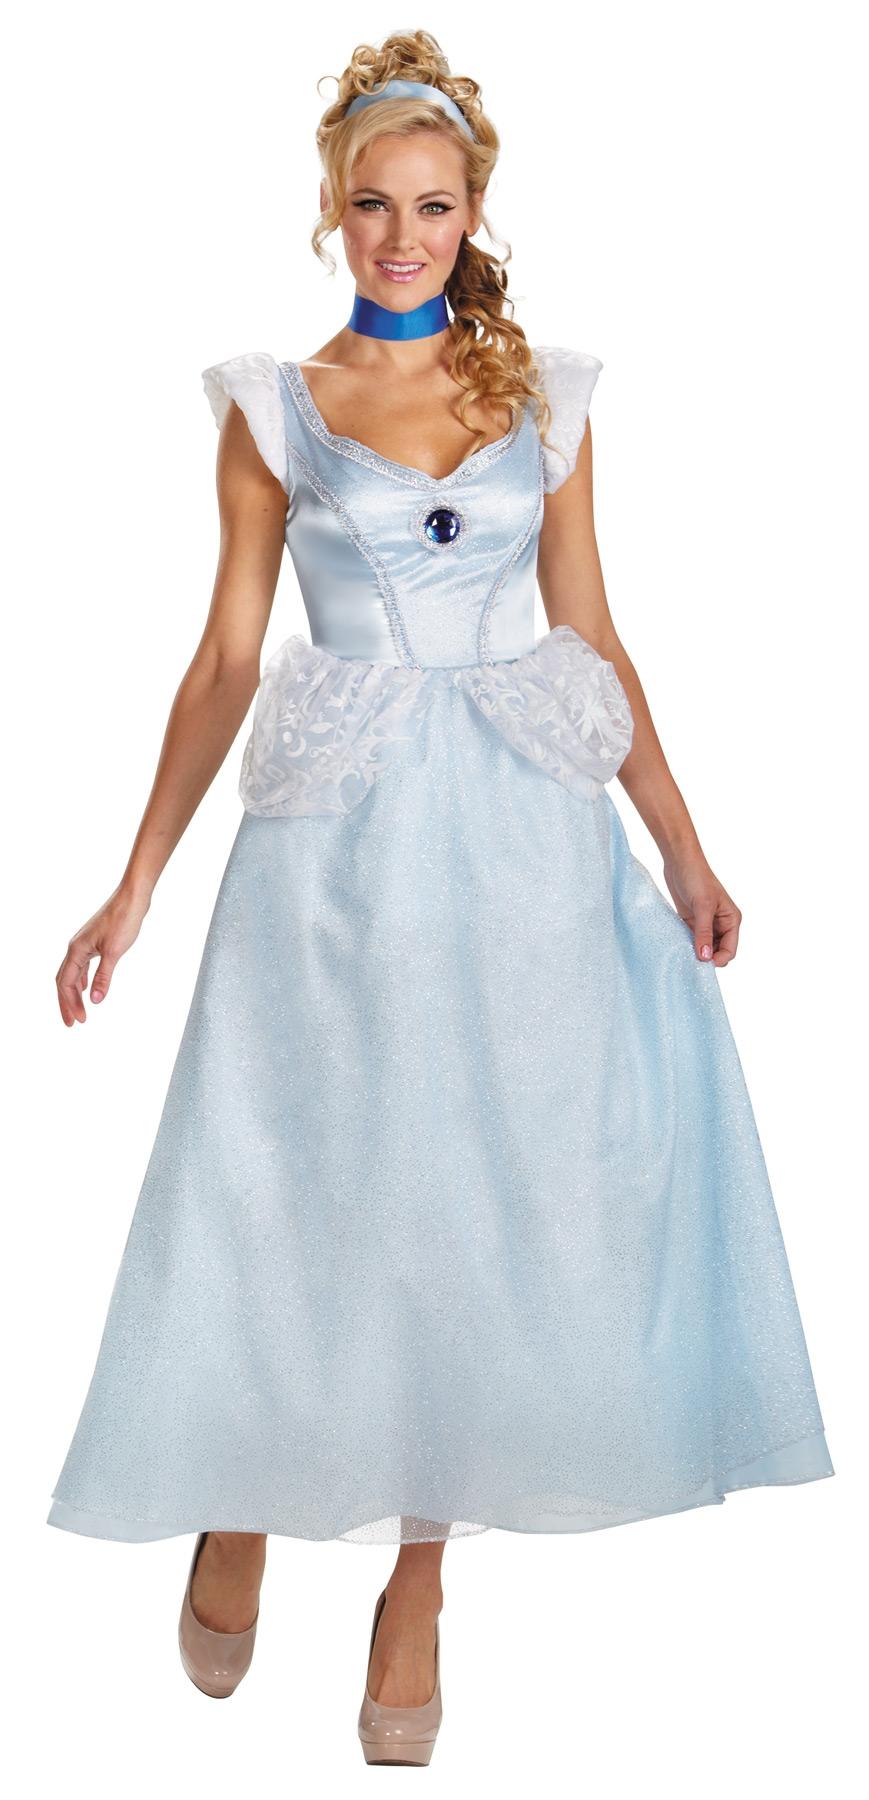 Голубой костюм Золушки (54) - Костюмы больших размеров, р.54